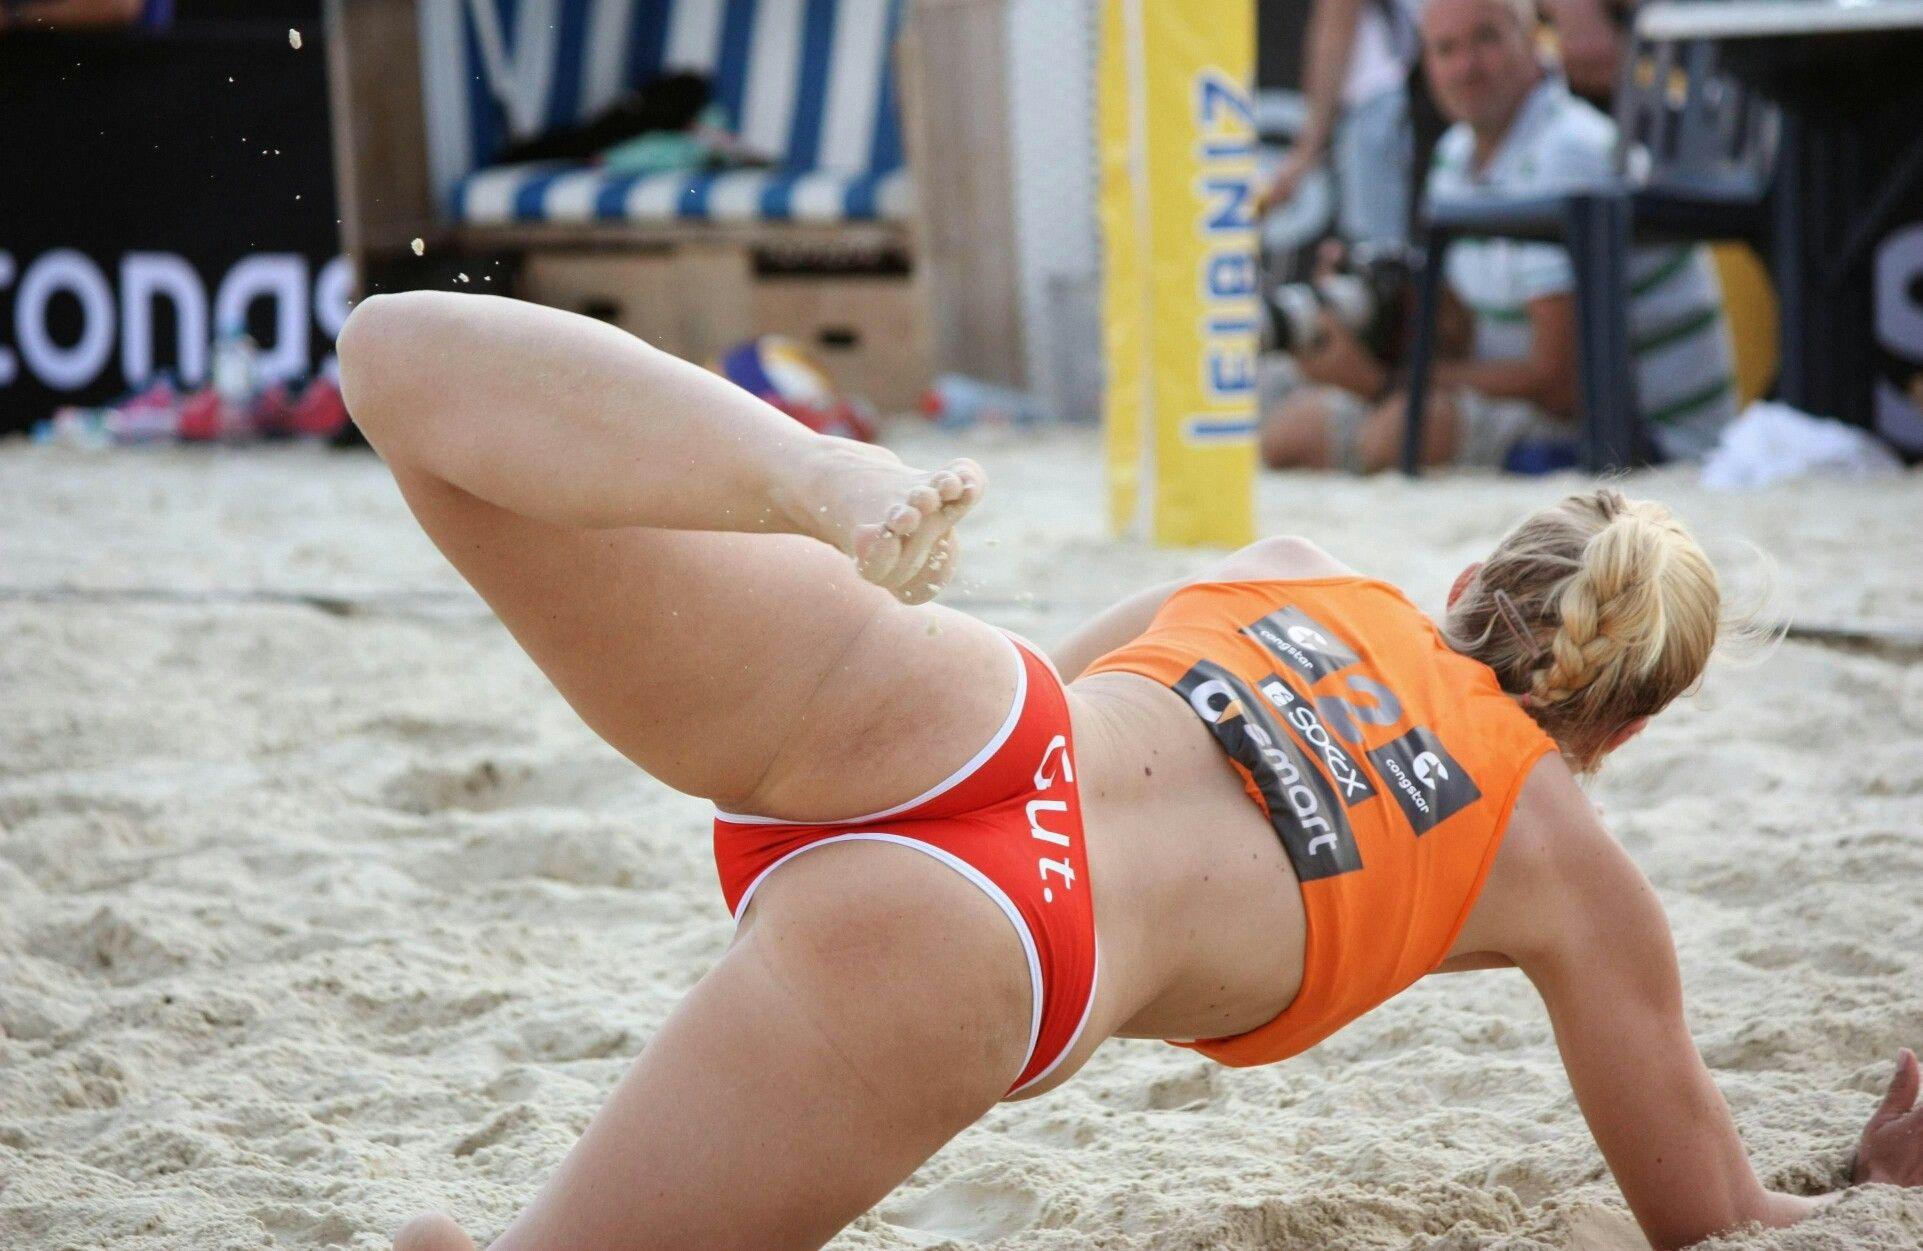 Смотреть горячие спортсменки, Порно со спортсменками, секс с голыми гимнастками 19 фотография